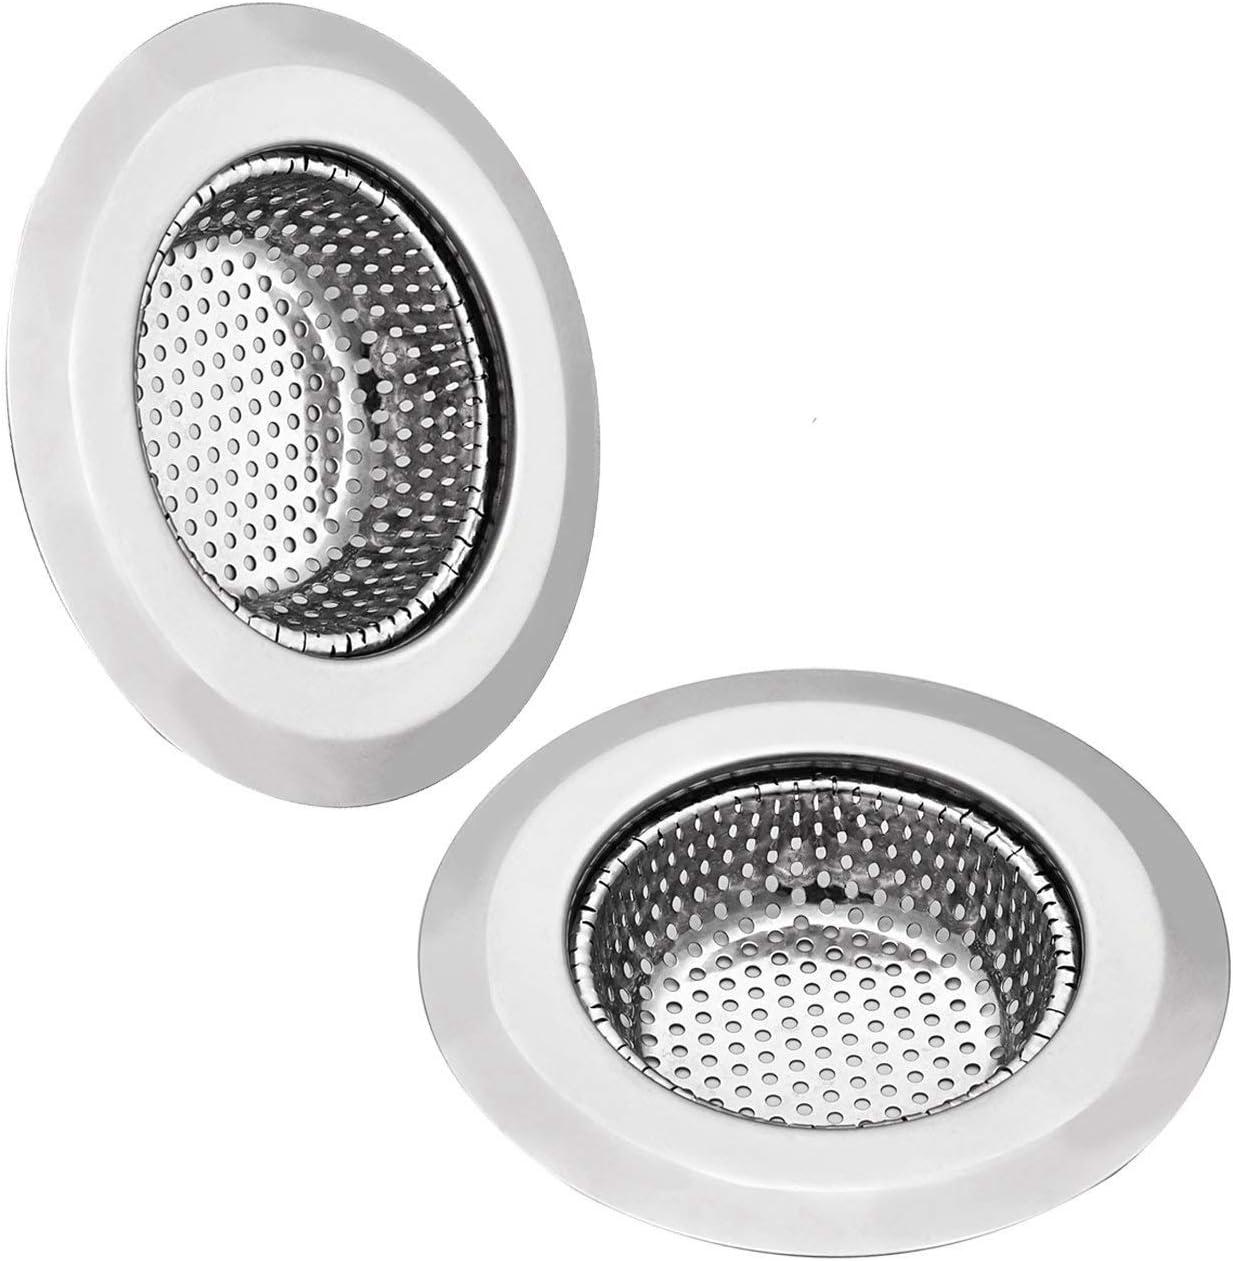 GreeSuit 2Pcs Fregadero Filtro de drenaje Filtro de acero inoxidable Filtro de metal Filtro Filtro de cocina para baño de cocina 11.5cm /4.5 pulgadas de diámetro